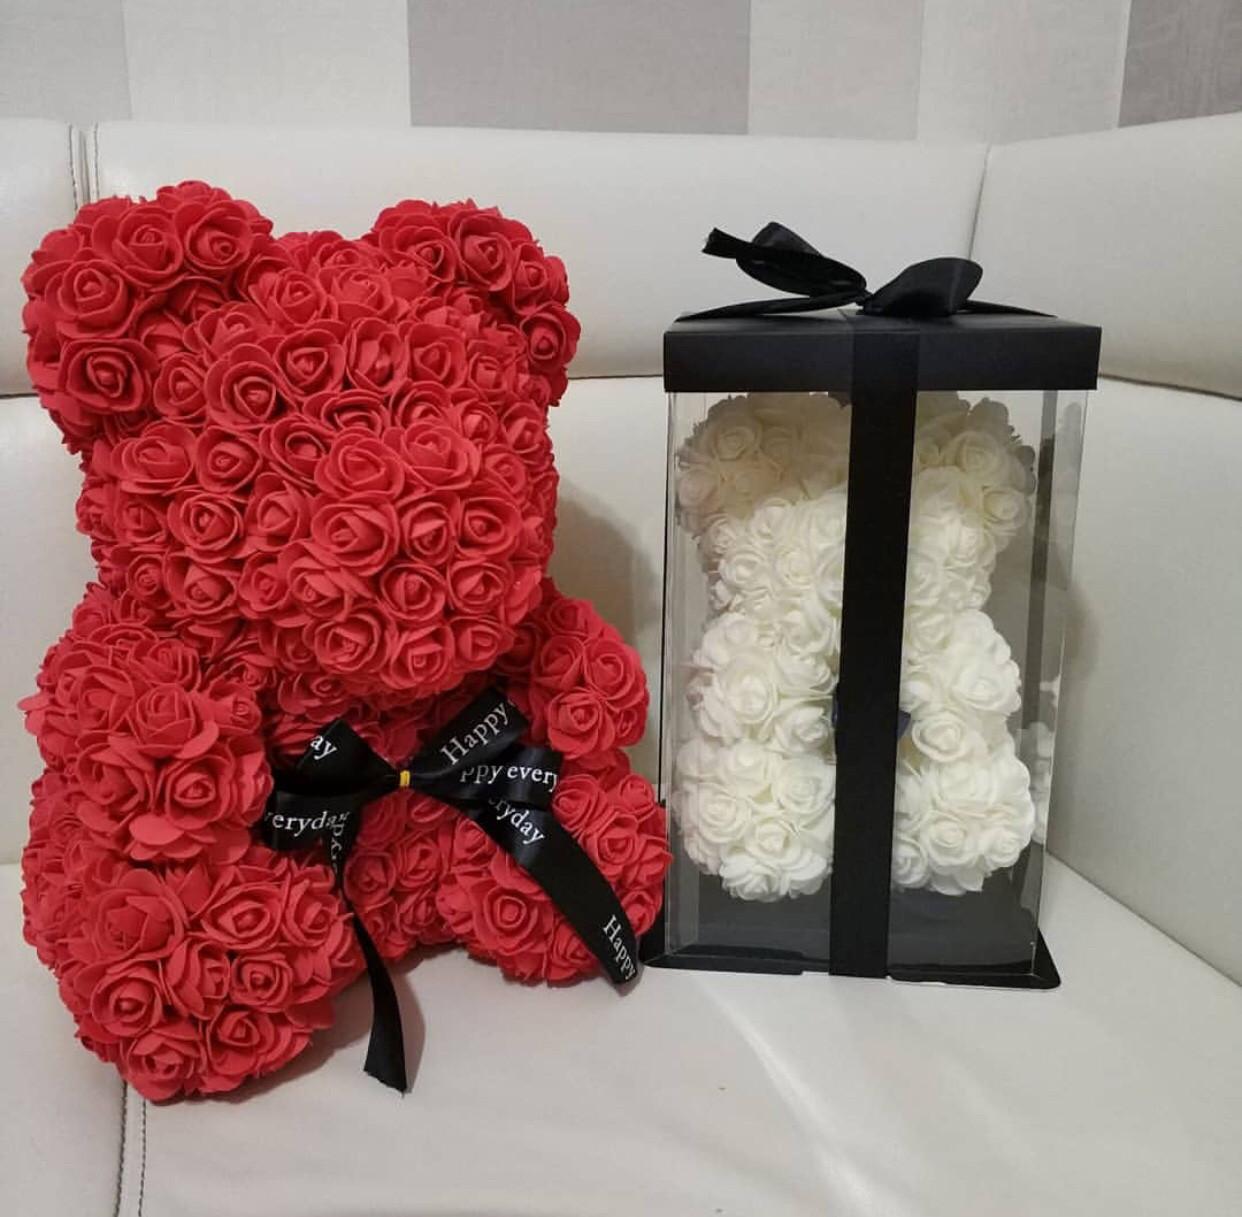 Мишка тедди из 3D роз в оригинальной упаковке, необычный подарок девушке